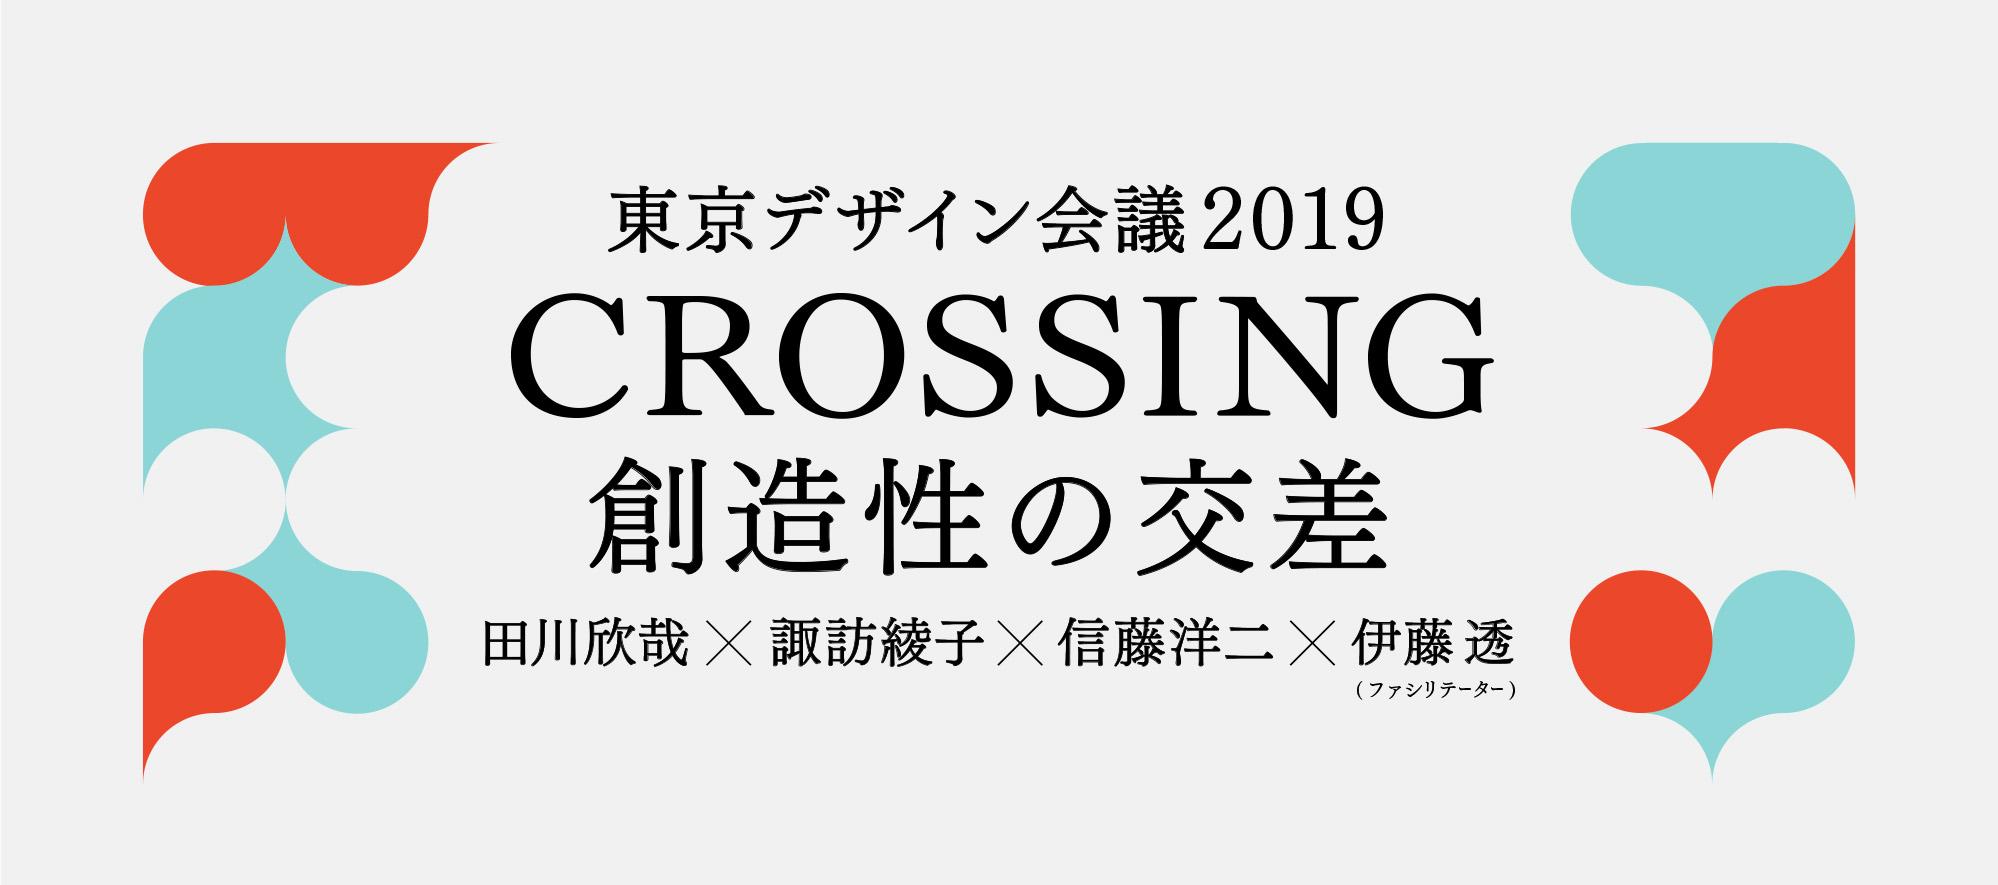 東京デザイン会議2019×新年交流会のイメージ